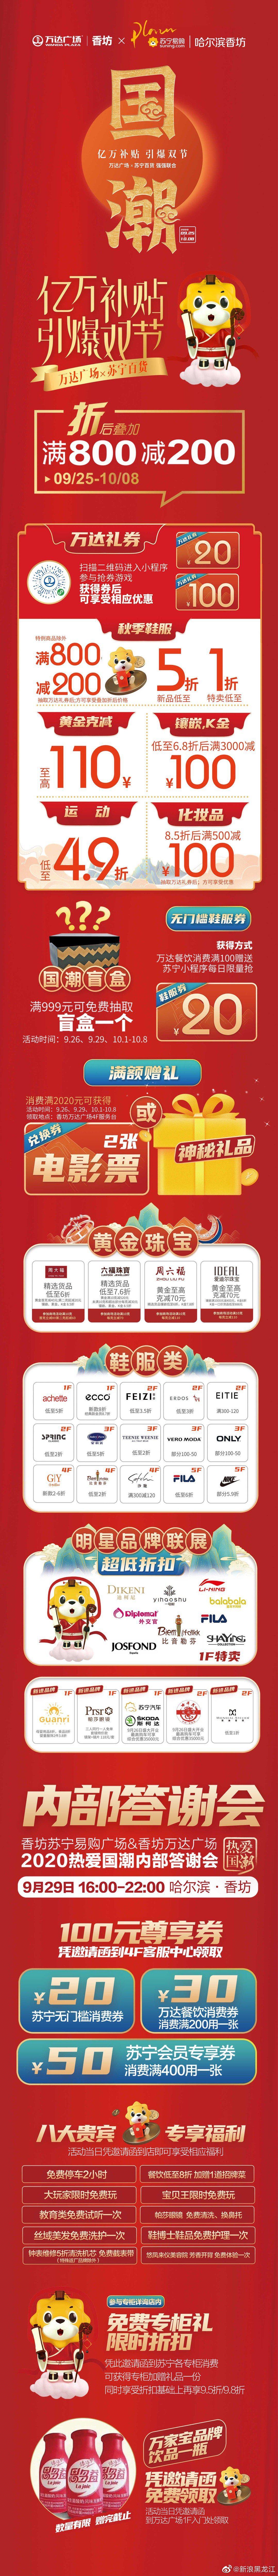 9.25-10.8国潮来袭 苏宁百货x万达广场 亿万补贴 引爆双节 ︎